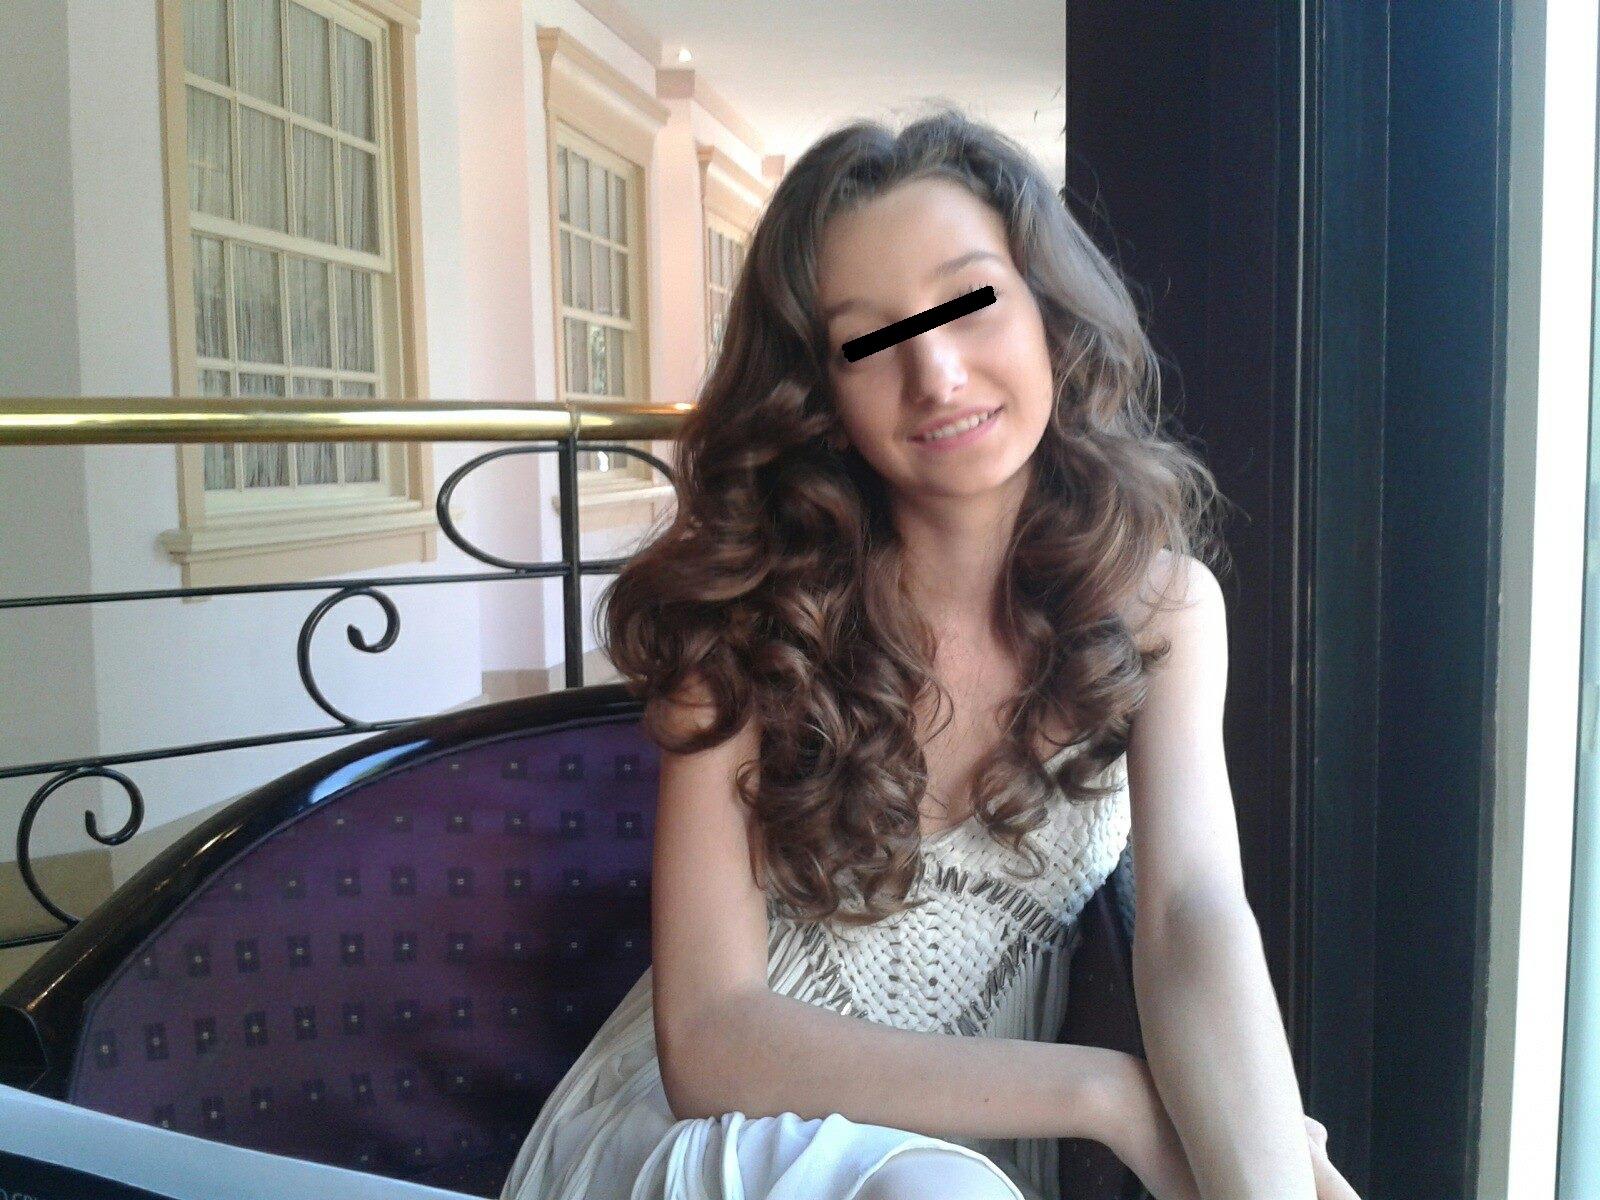 Daria Crisan este acum o domnisoara in adevaratul sens al cuvantului sursa: arhiva personala